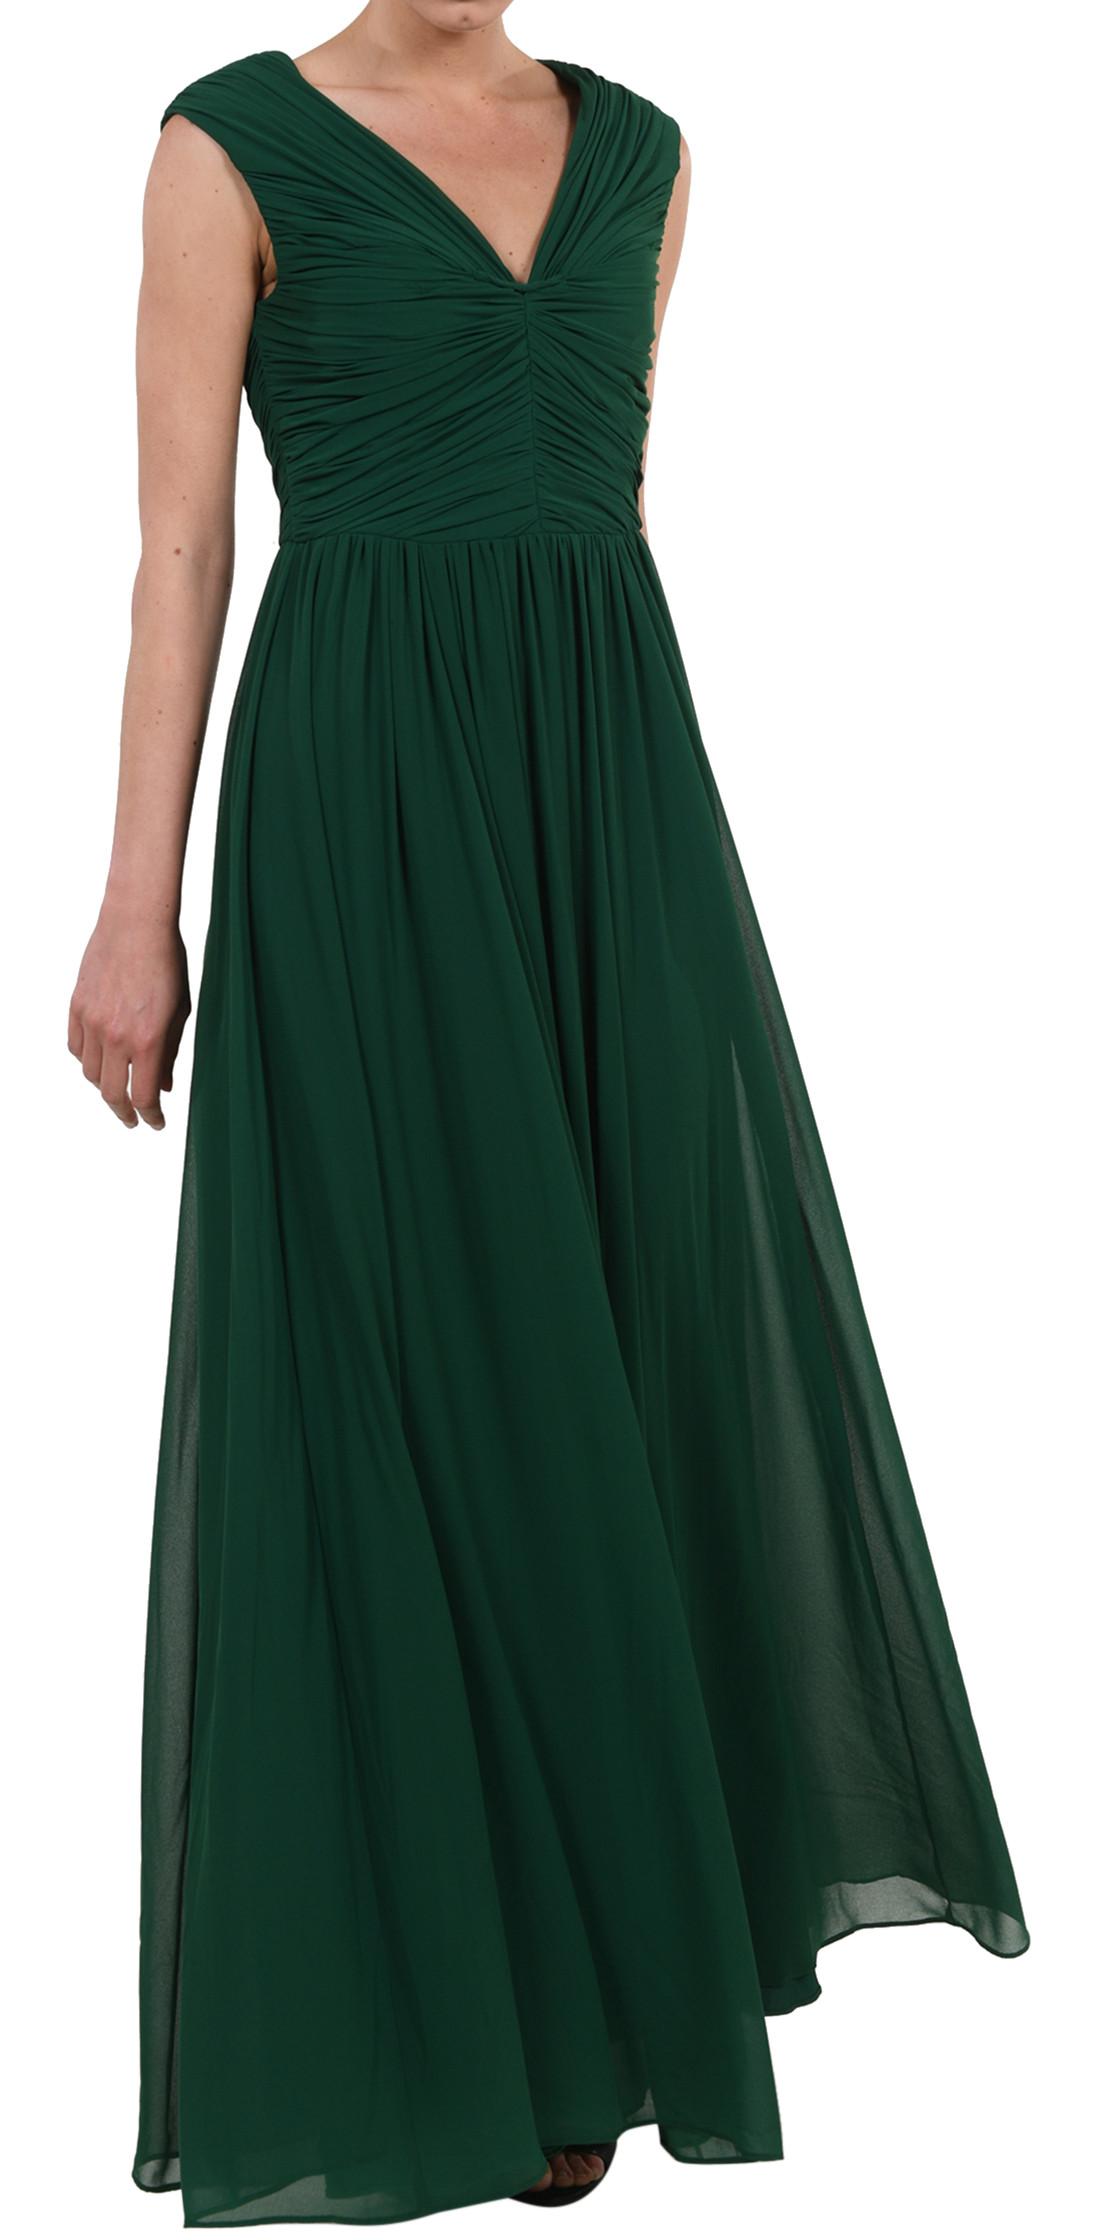 Vera Wang Sleeveless Silk Chiffon Gown Evening Dress Rental Lebanon Rent A Dress Designer 24 Com D24,Autumn Wedding Guest Dresses Uk